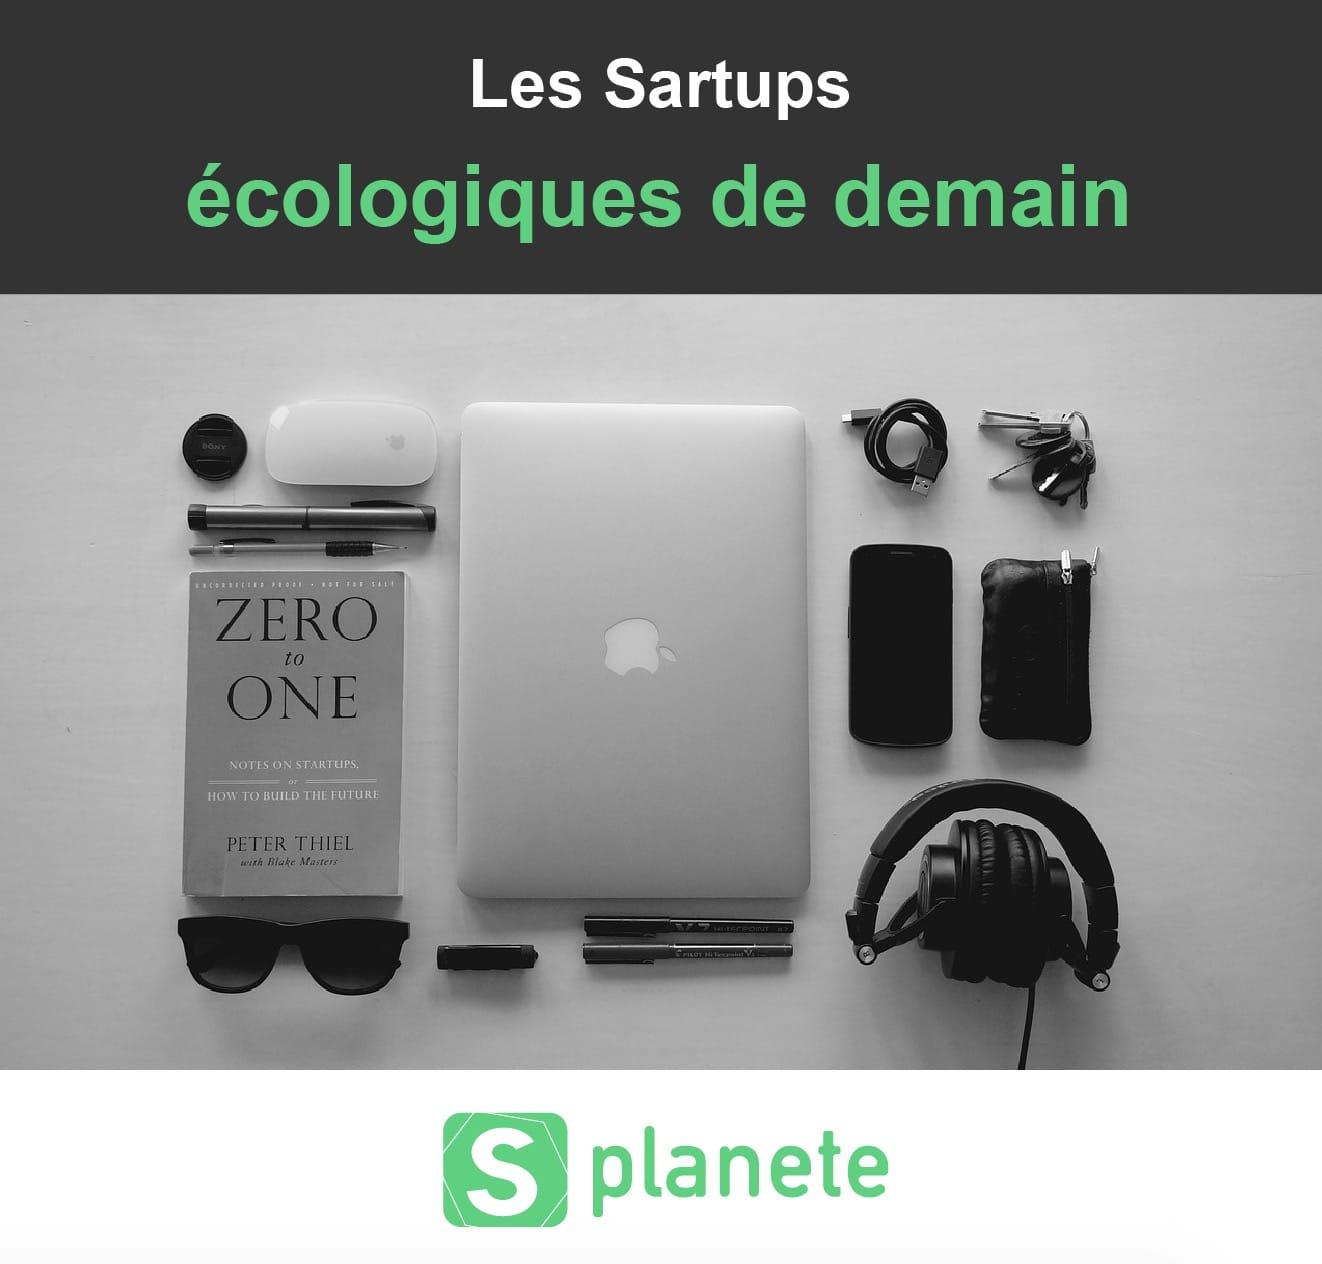 les startups écologiques de demain